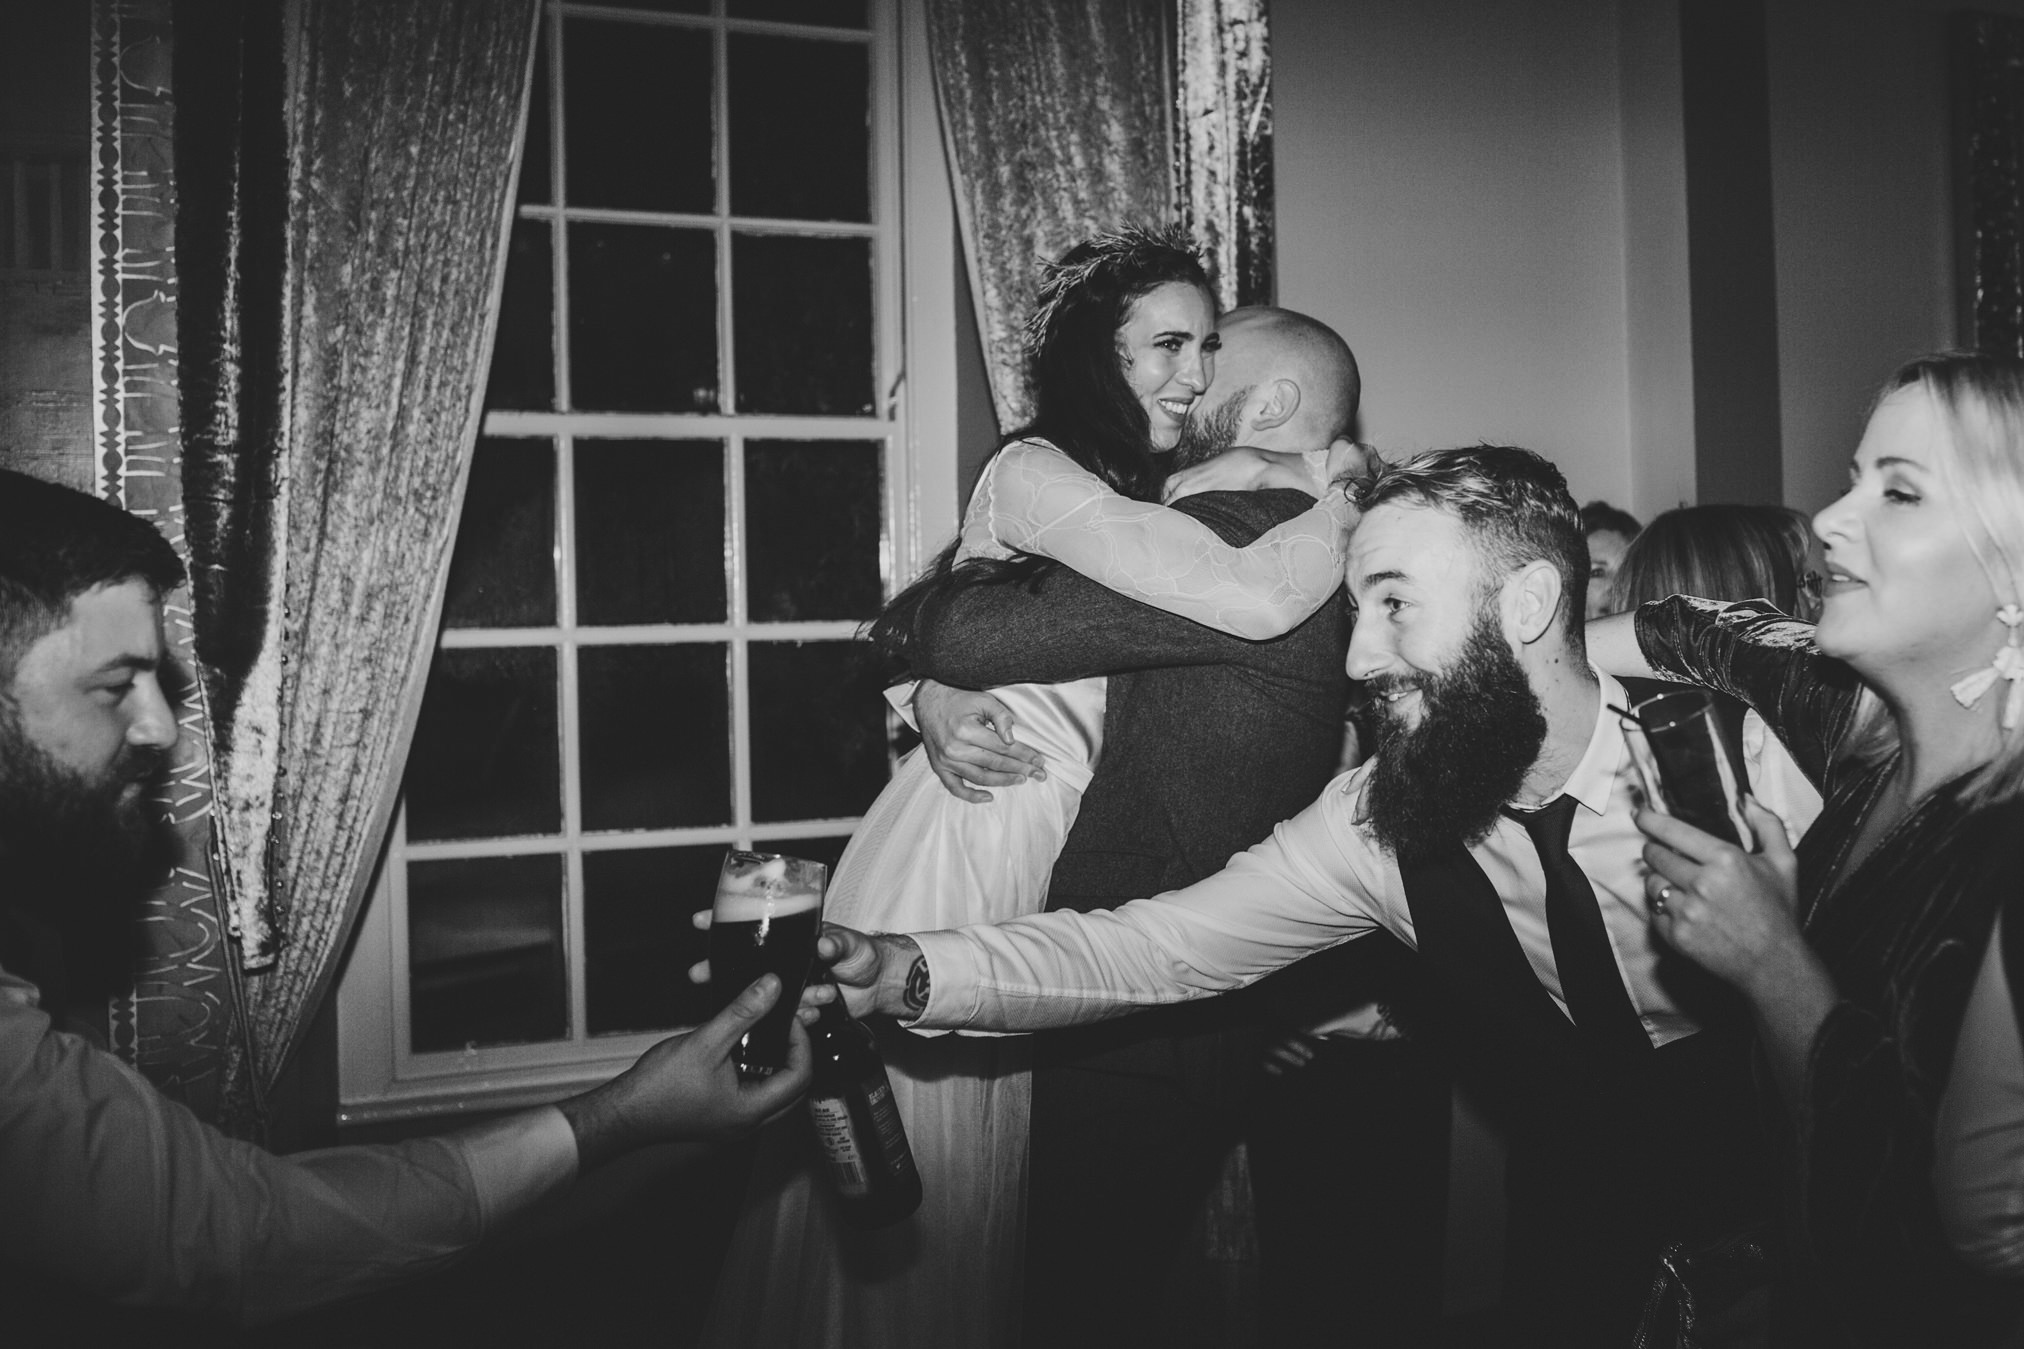 wedding photographer irelandGraciela Vilagudin Photography656.jpg